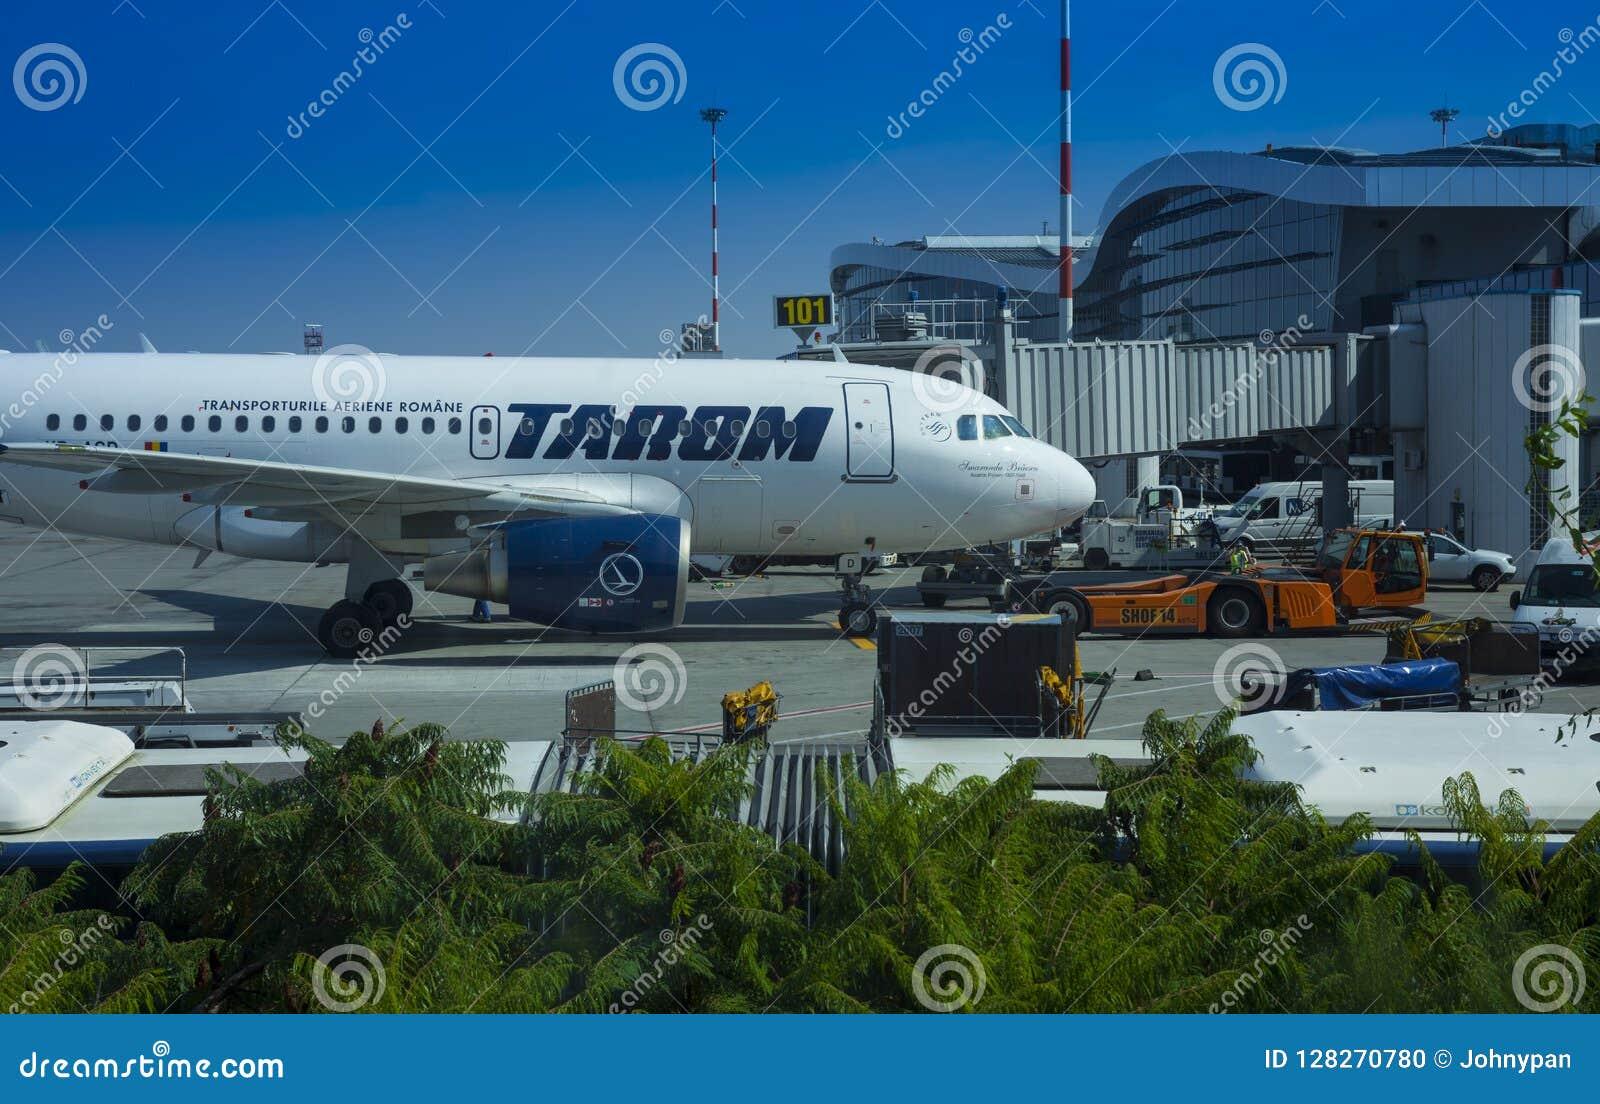 Tara handlowy samolot przy Henri Coanda lotniskiem, Bucharest